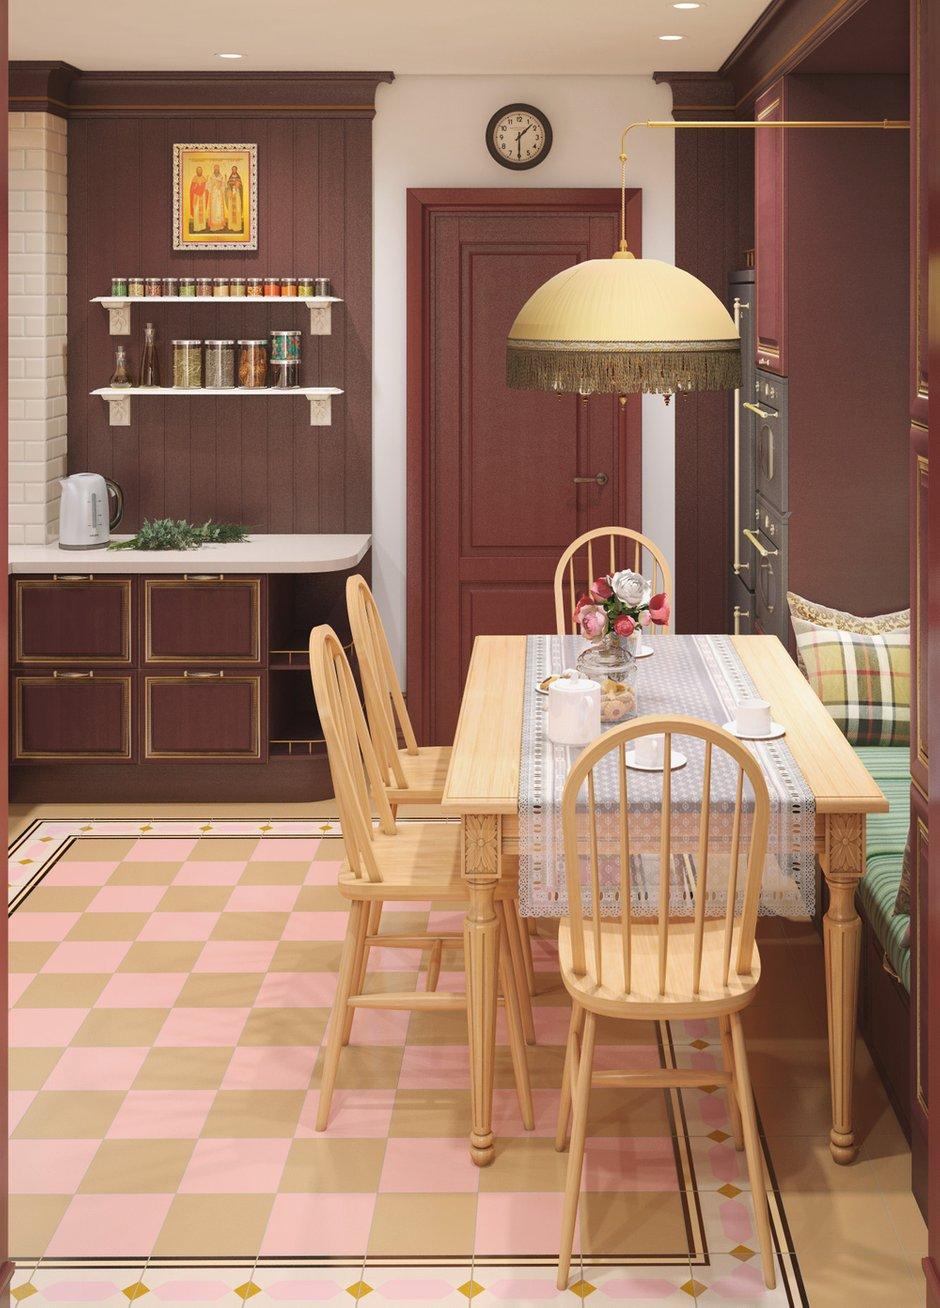 Фотография:  в стиле , Кухня и столовая, Классический, Белый, Проект недели, Красный, Little Greene, как оформить балкон, Smeg, как оформить интерьер в классическом стиле, как оформить интерьер кухни, Vives ceramica, Самара, Nika d'Oro, Маша Яшина, DifferentRooms, дизайн кухни, цвет марсала, как присоединить балкон к кухне, кухня в русском стиле – фото на InMyRoom.ru